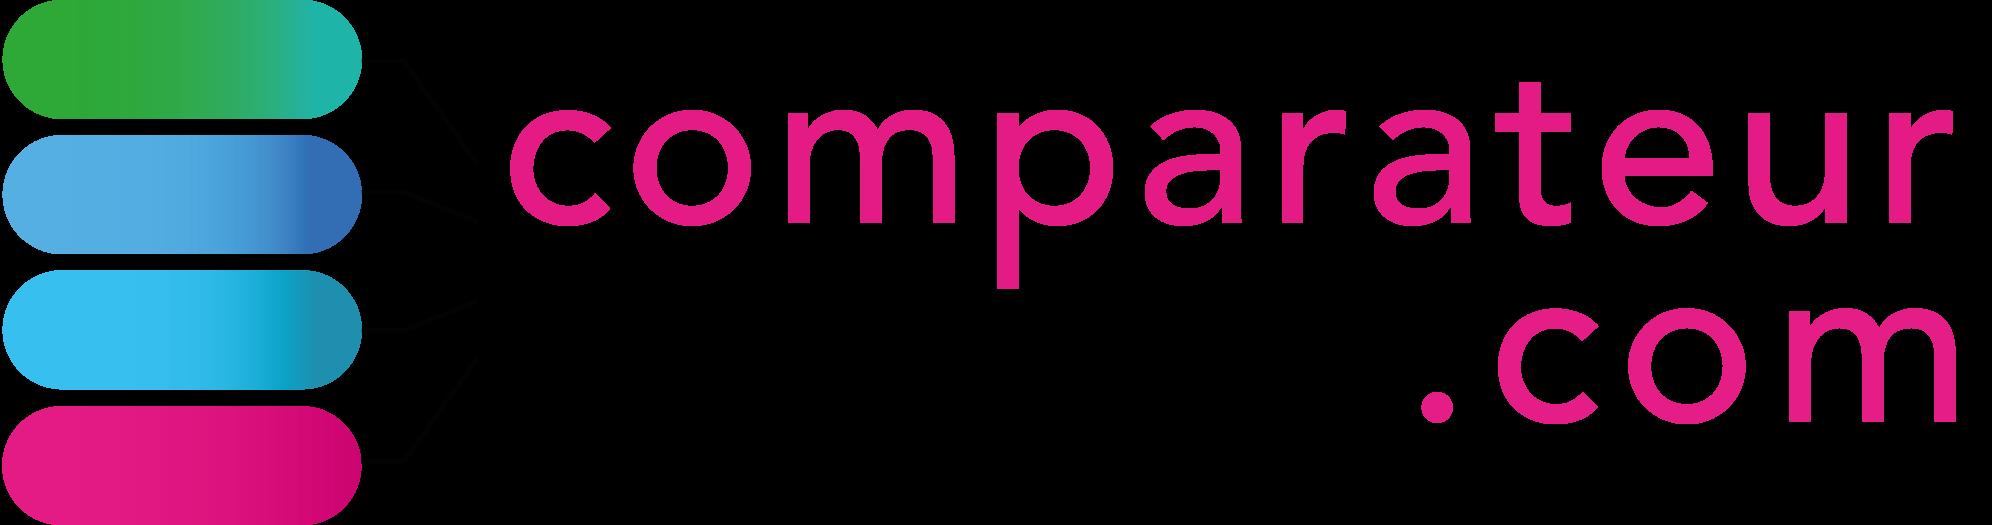 ComparateurBanque.com